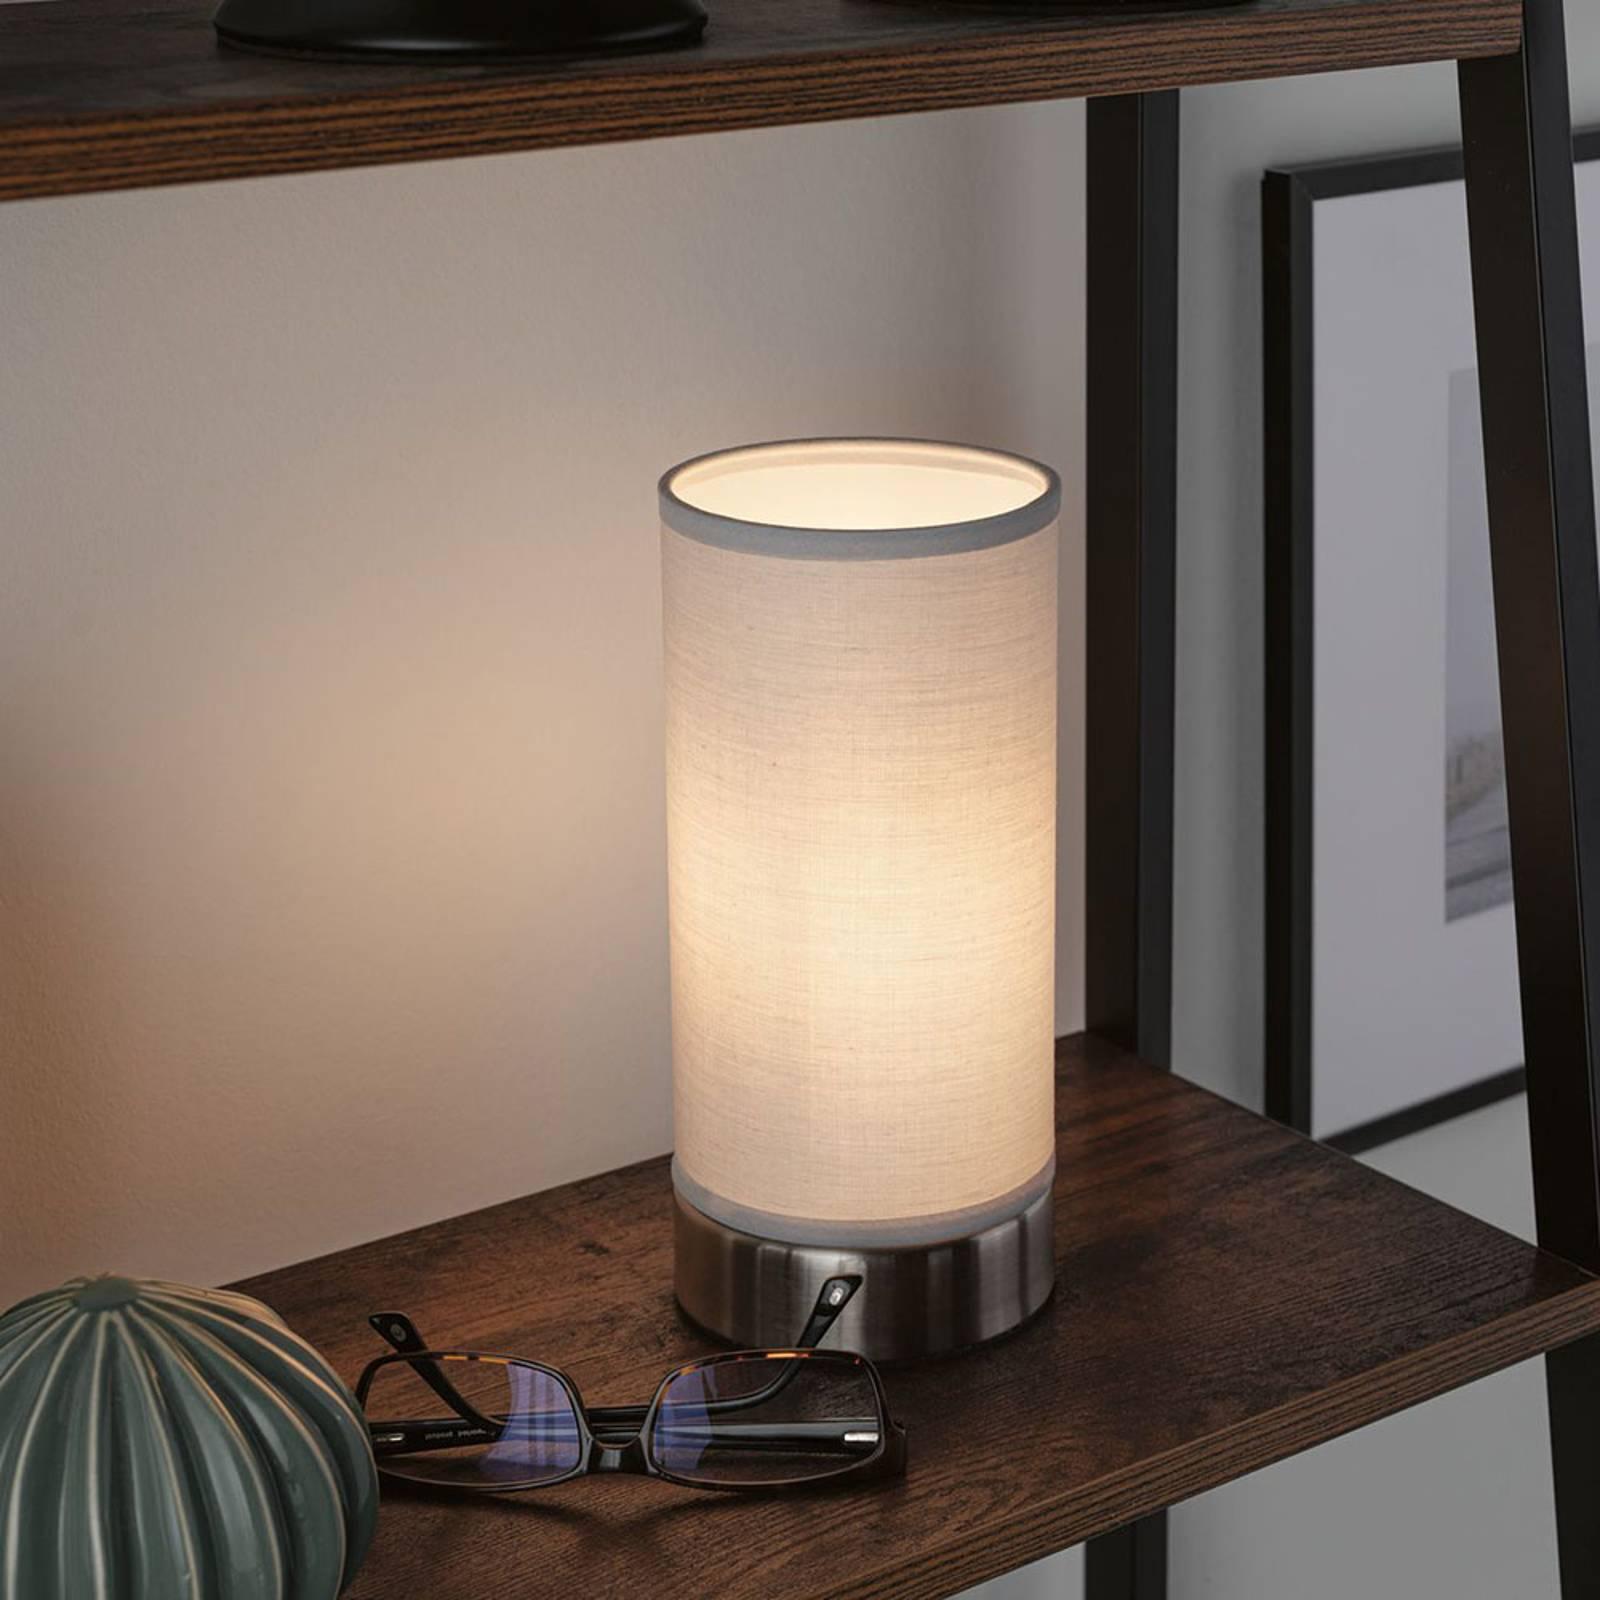 Paulmann Pia tafellamp van stof, lichtgrijs